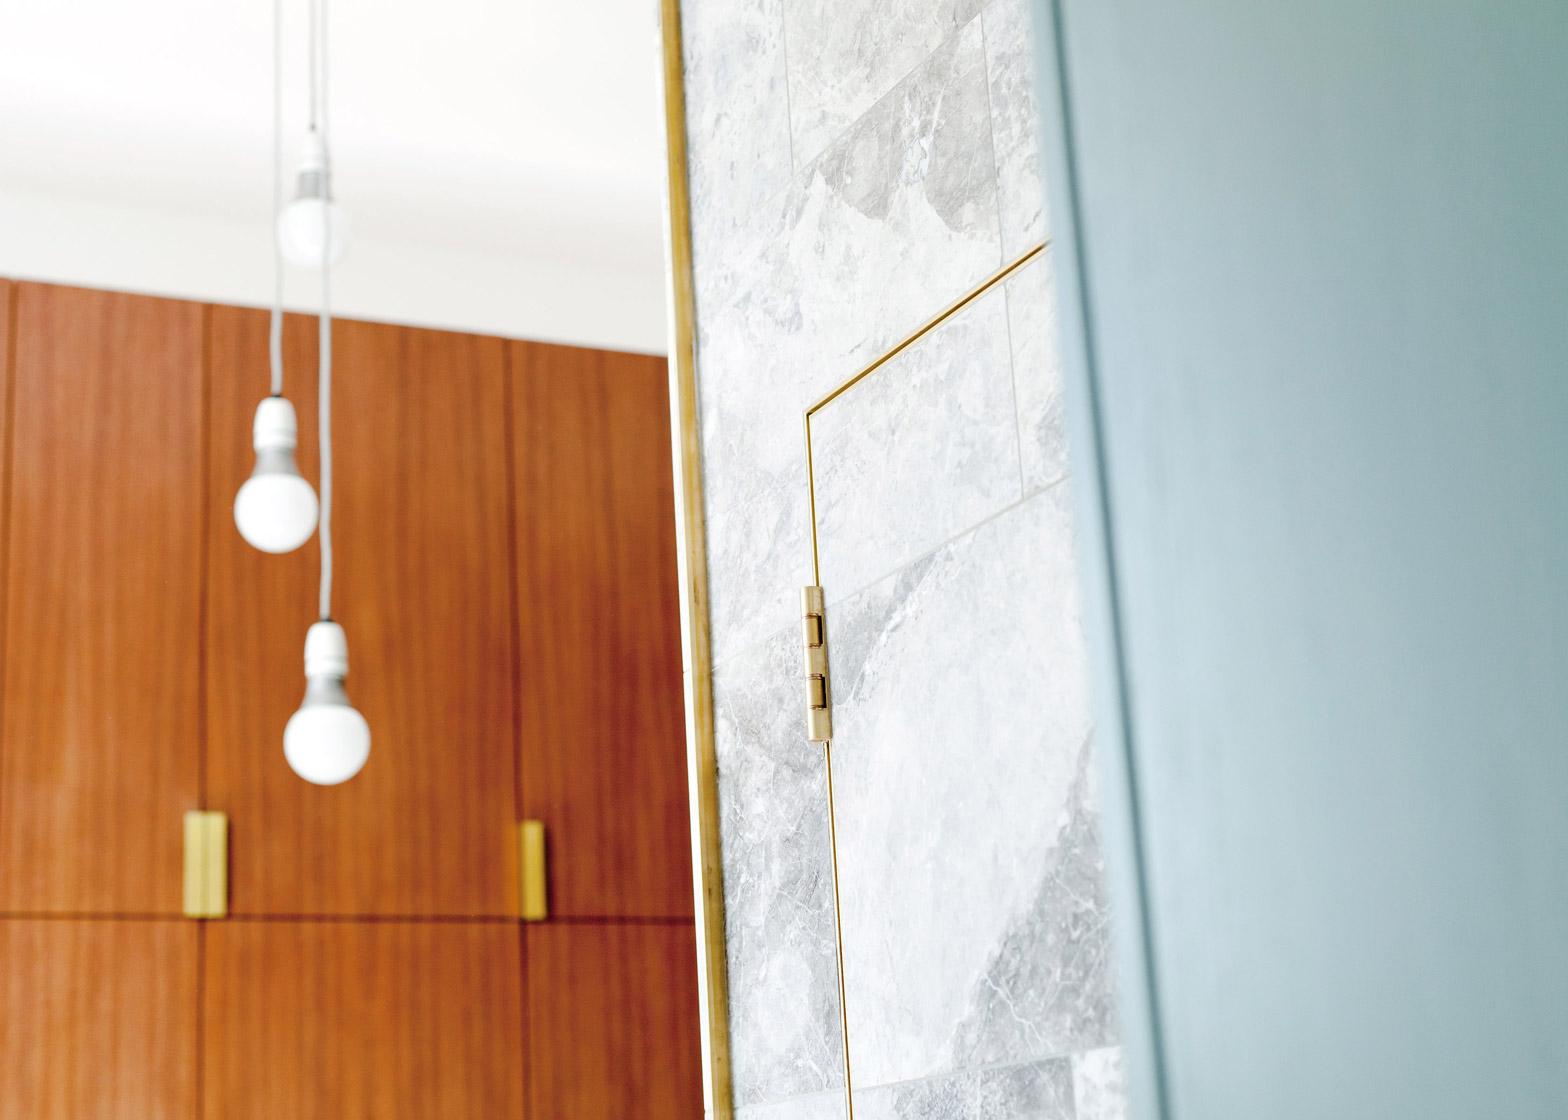 Мраморная плитка в отделке компактной квартиры